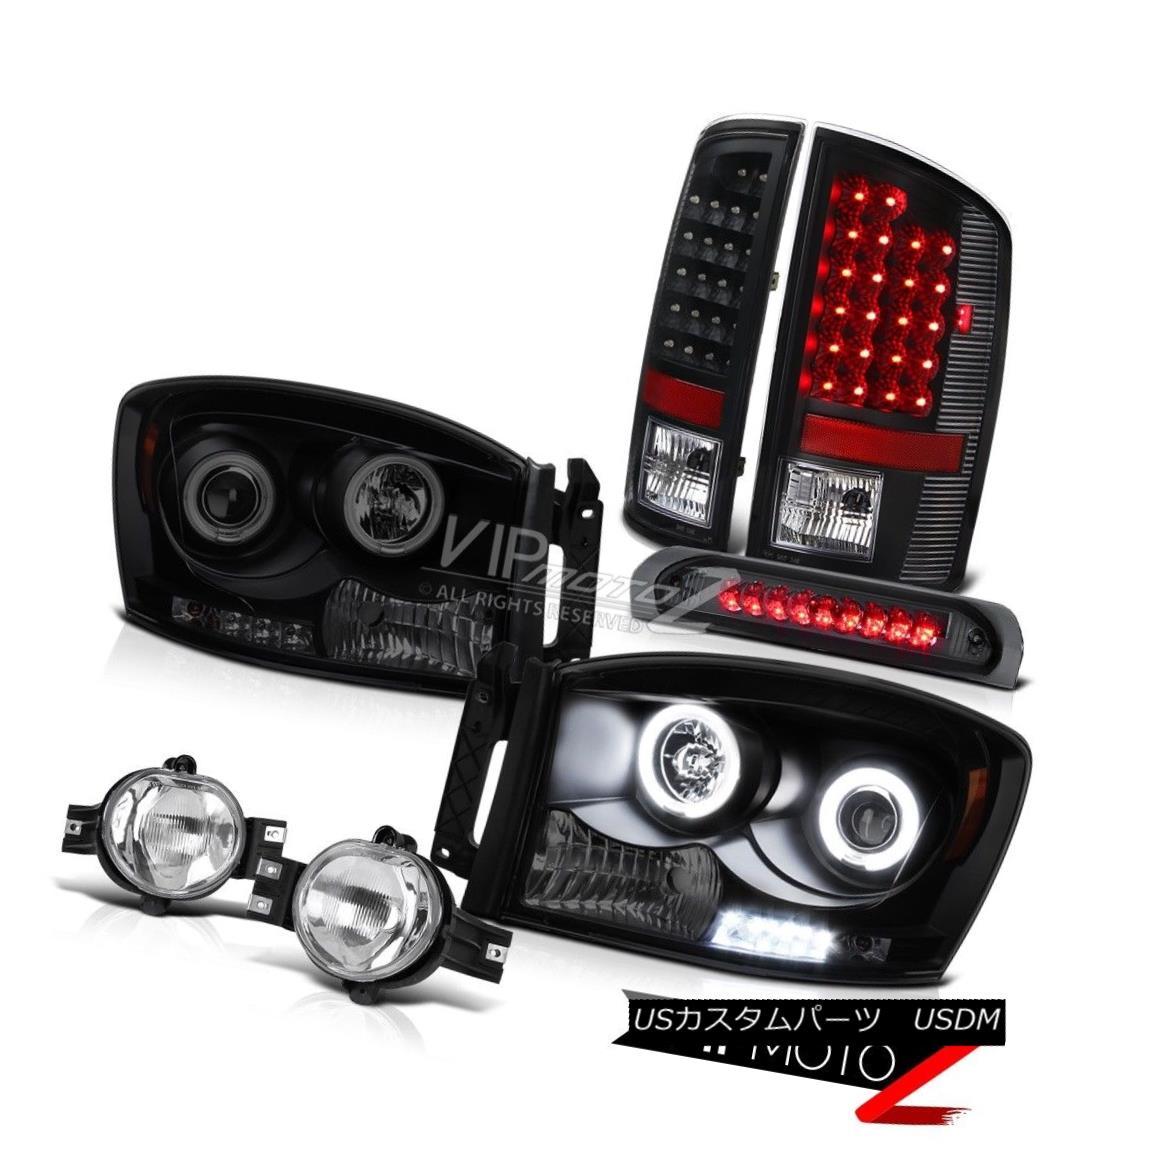 ヘッドライト 06 Dodge Ram Brightest CCFL Halo Headlights Driving Foglamps LED 3RD Brake Lamps 06 Dodge Ram Brightest CCFL Haloヘッドライトフォグランプを駆動するLED 3RDブレーキランプ